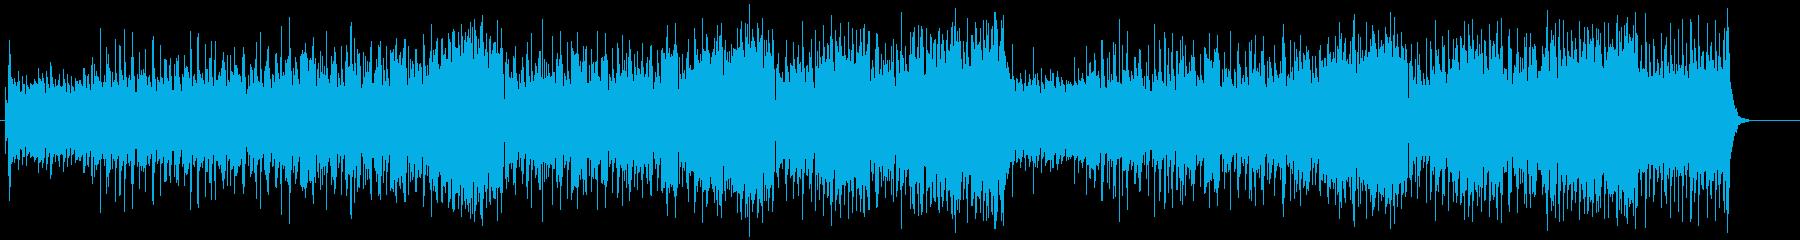 変拍子でワールドなマイナー・フュージョンの再生済みの波形